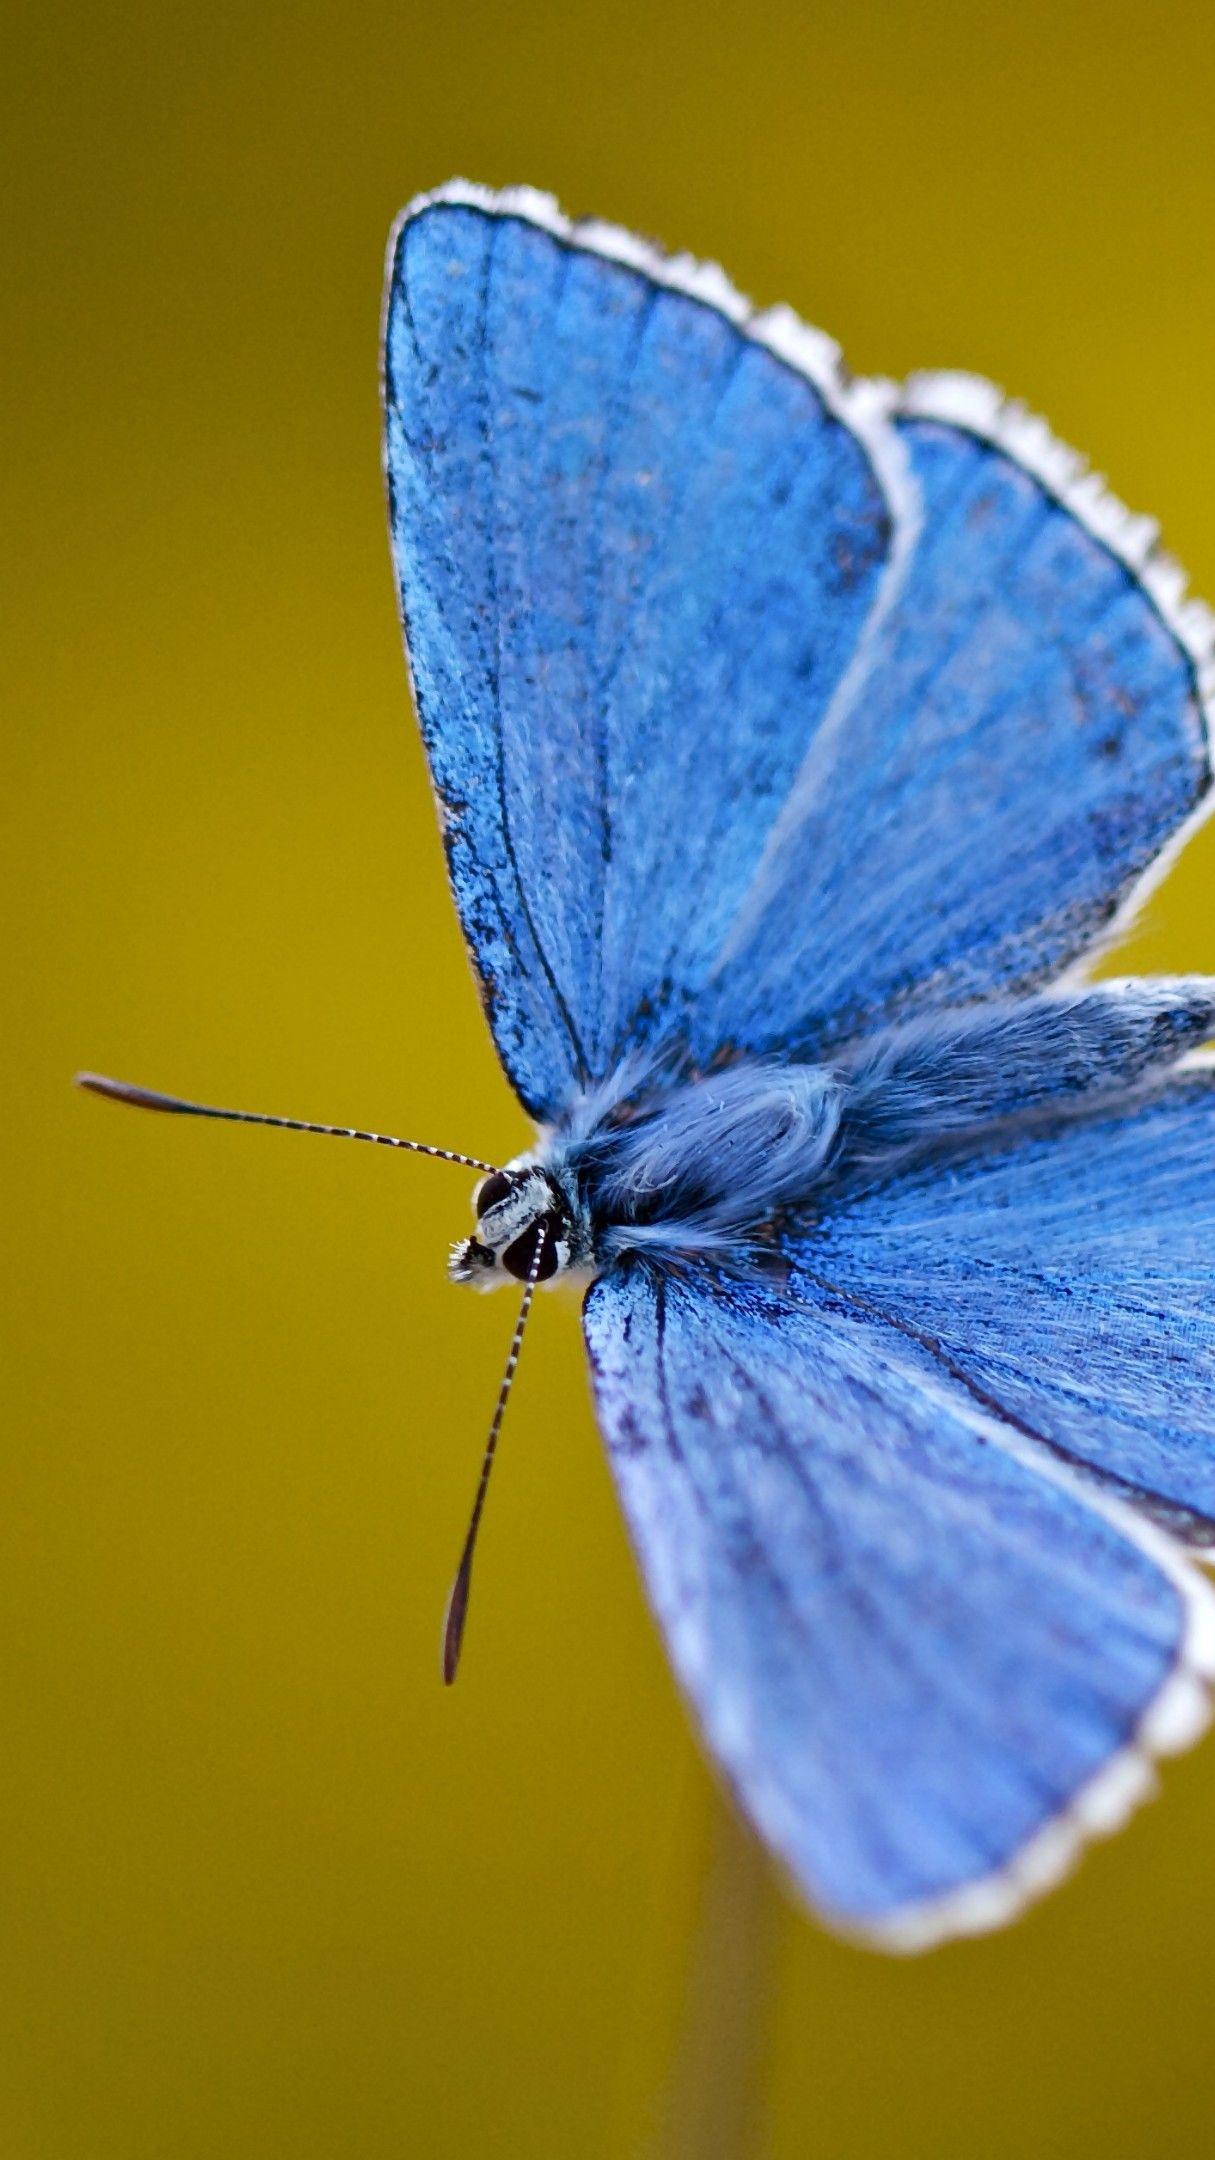 Blue Butterfly 4K UltraHD Wallpaper - backiee